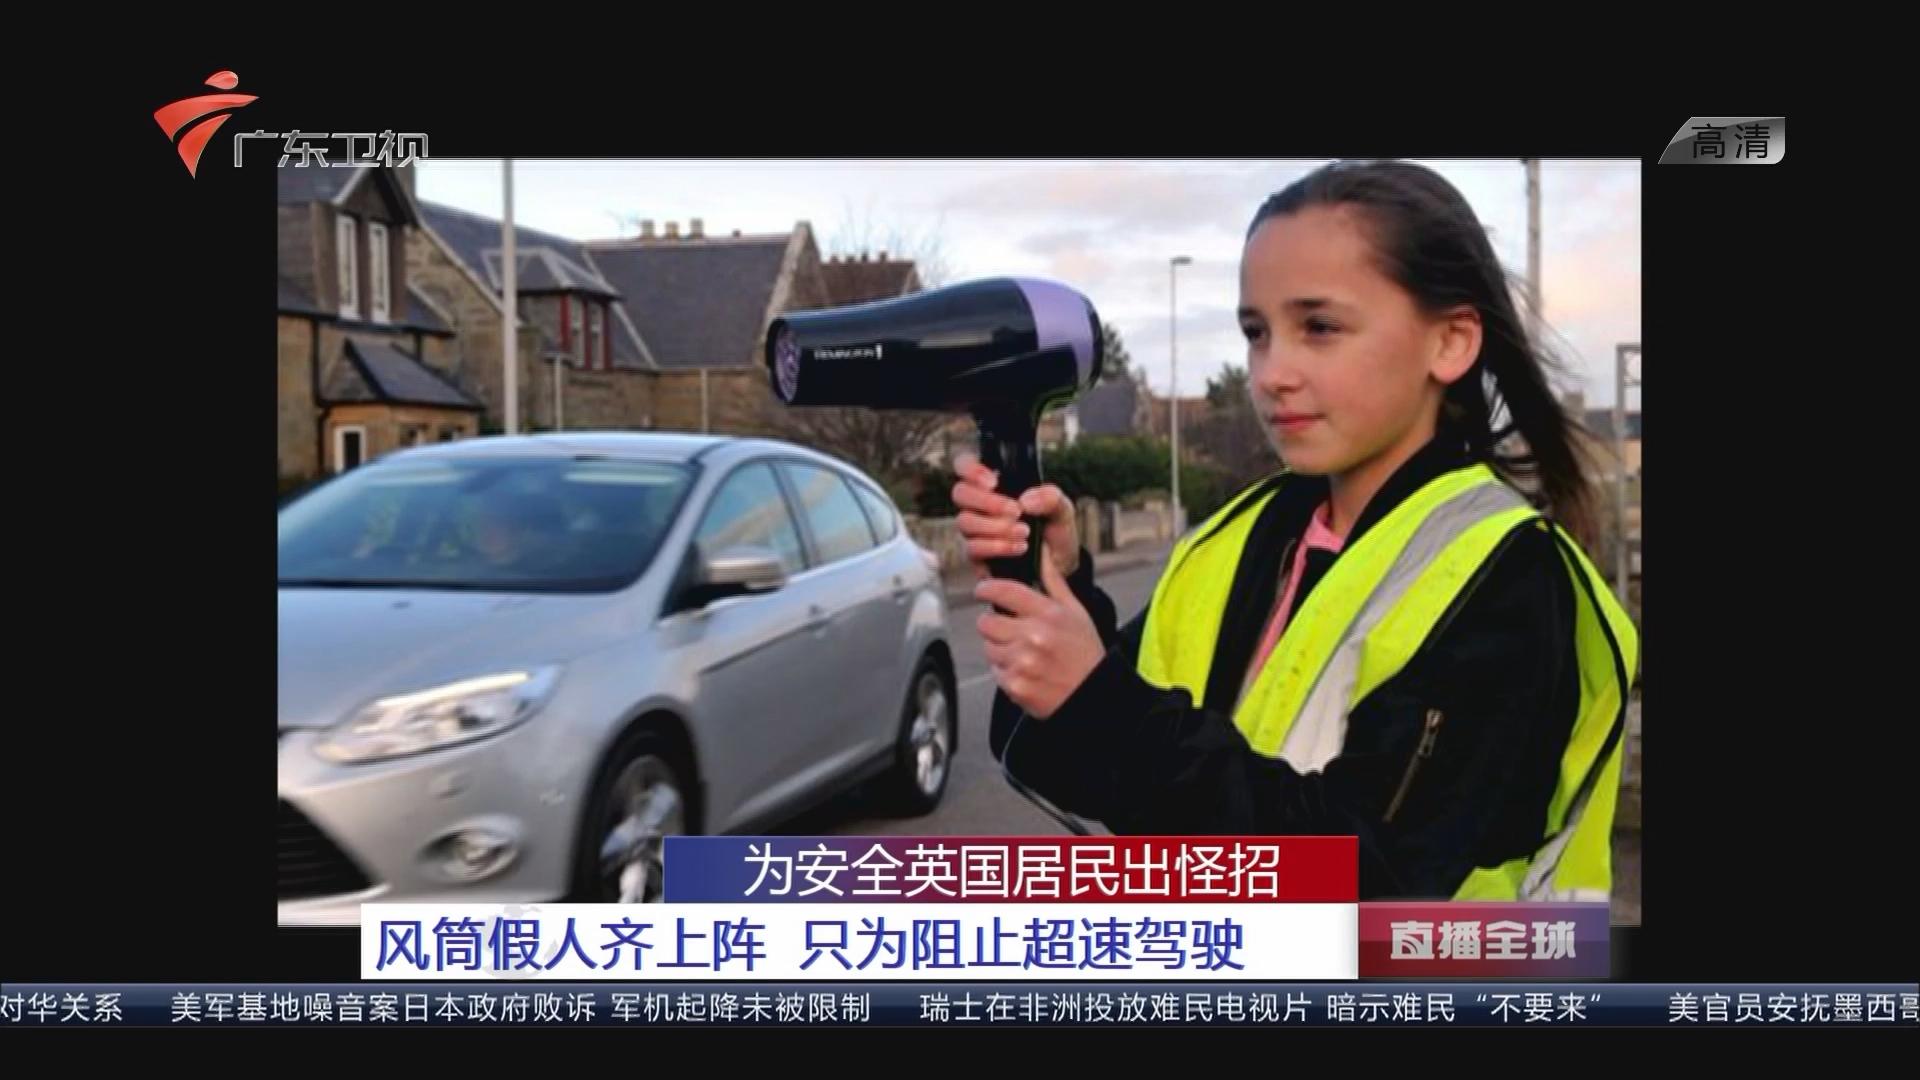 为安全英国居民出怪招:风筒假人齐上阵 只为阻止超速驾驶